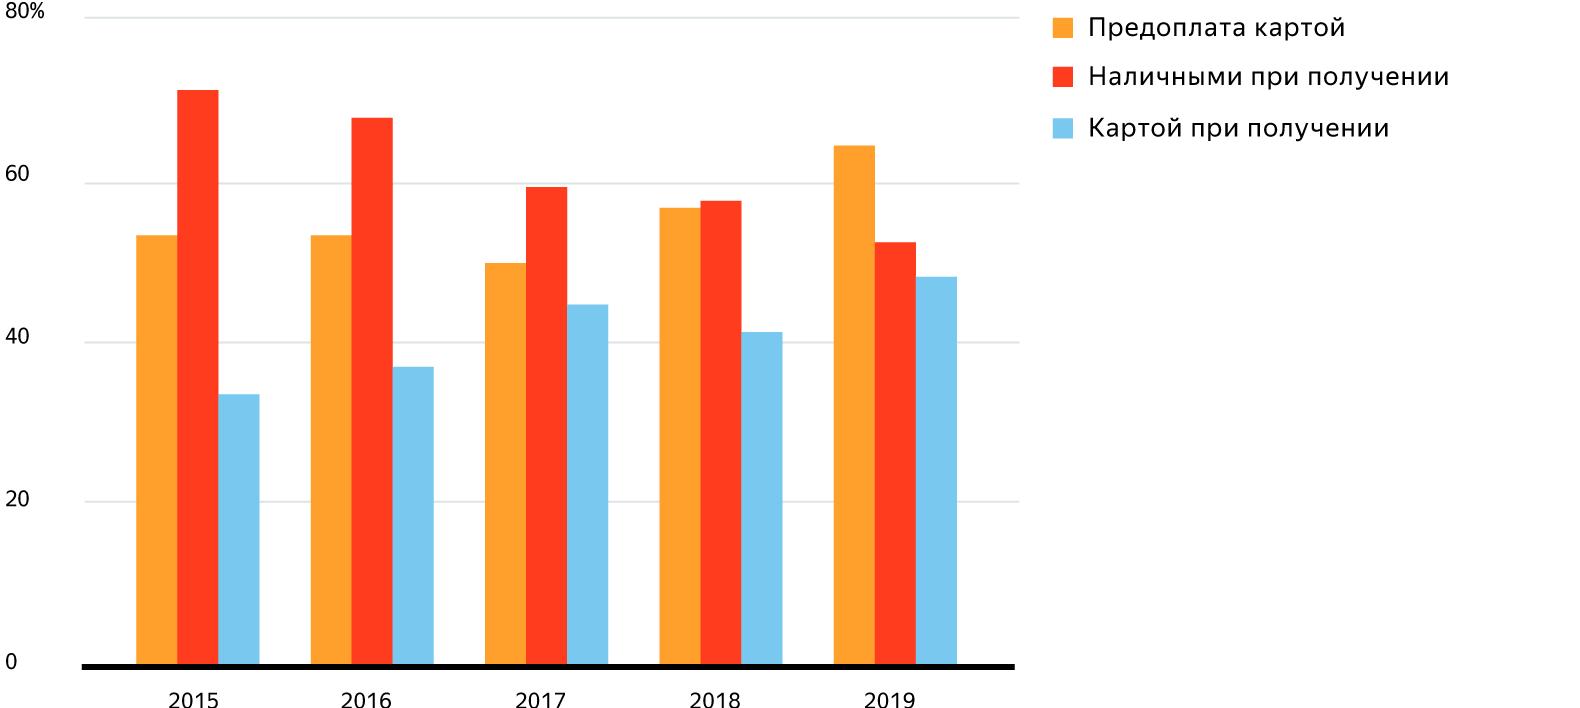 Каждый третий россиянин делает покупки со смартфона